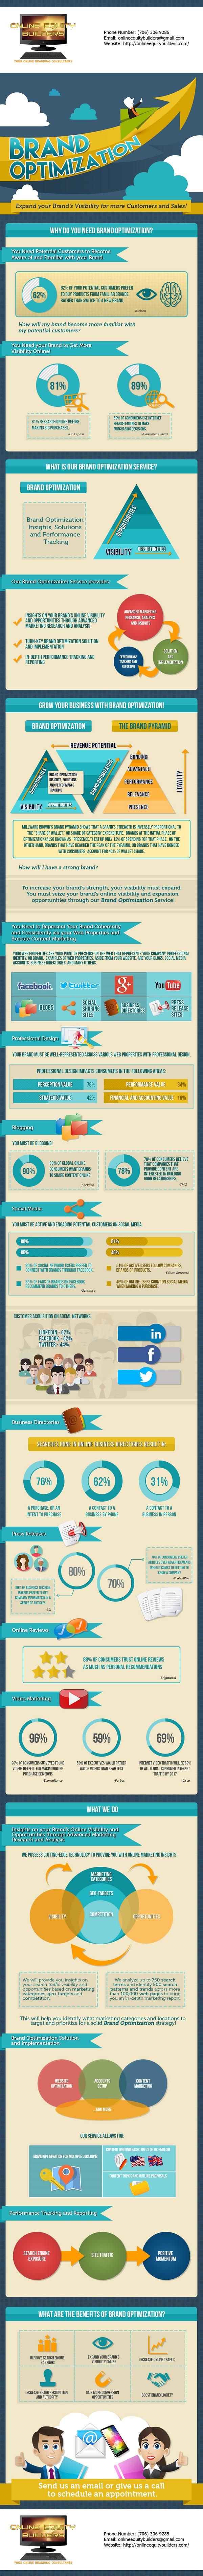 OnlineEquityBuilderscom-Brand-Optimization-Infographic---US